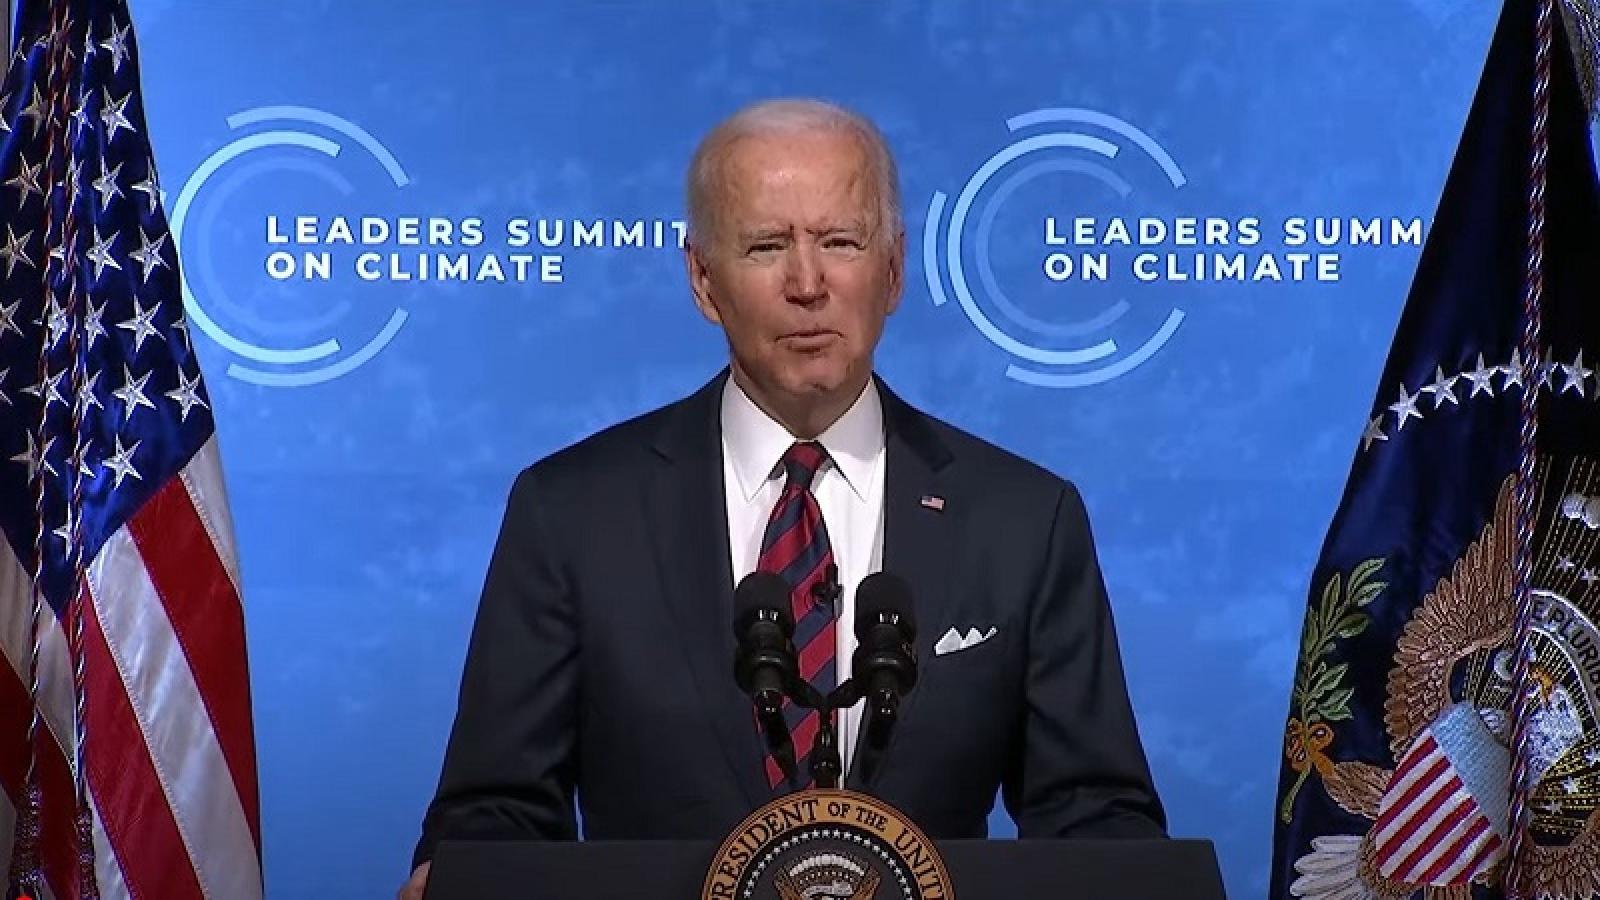 Mỹ tăng gấp đôi hỗ trợ tài chính về khí hậu cho các nước đang phát triển vào năm 2024